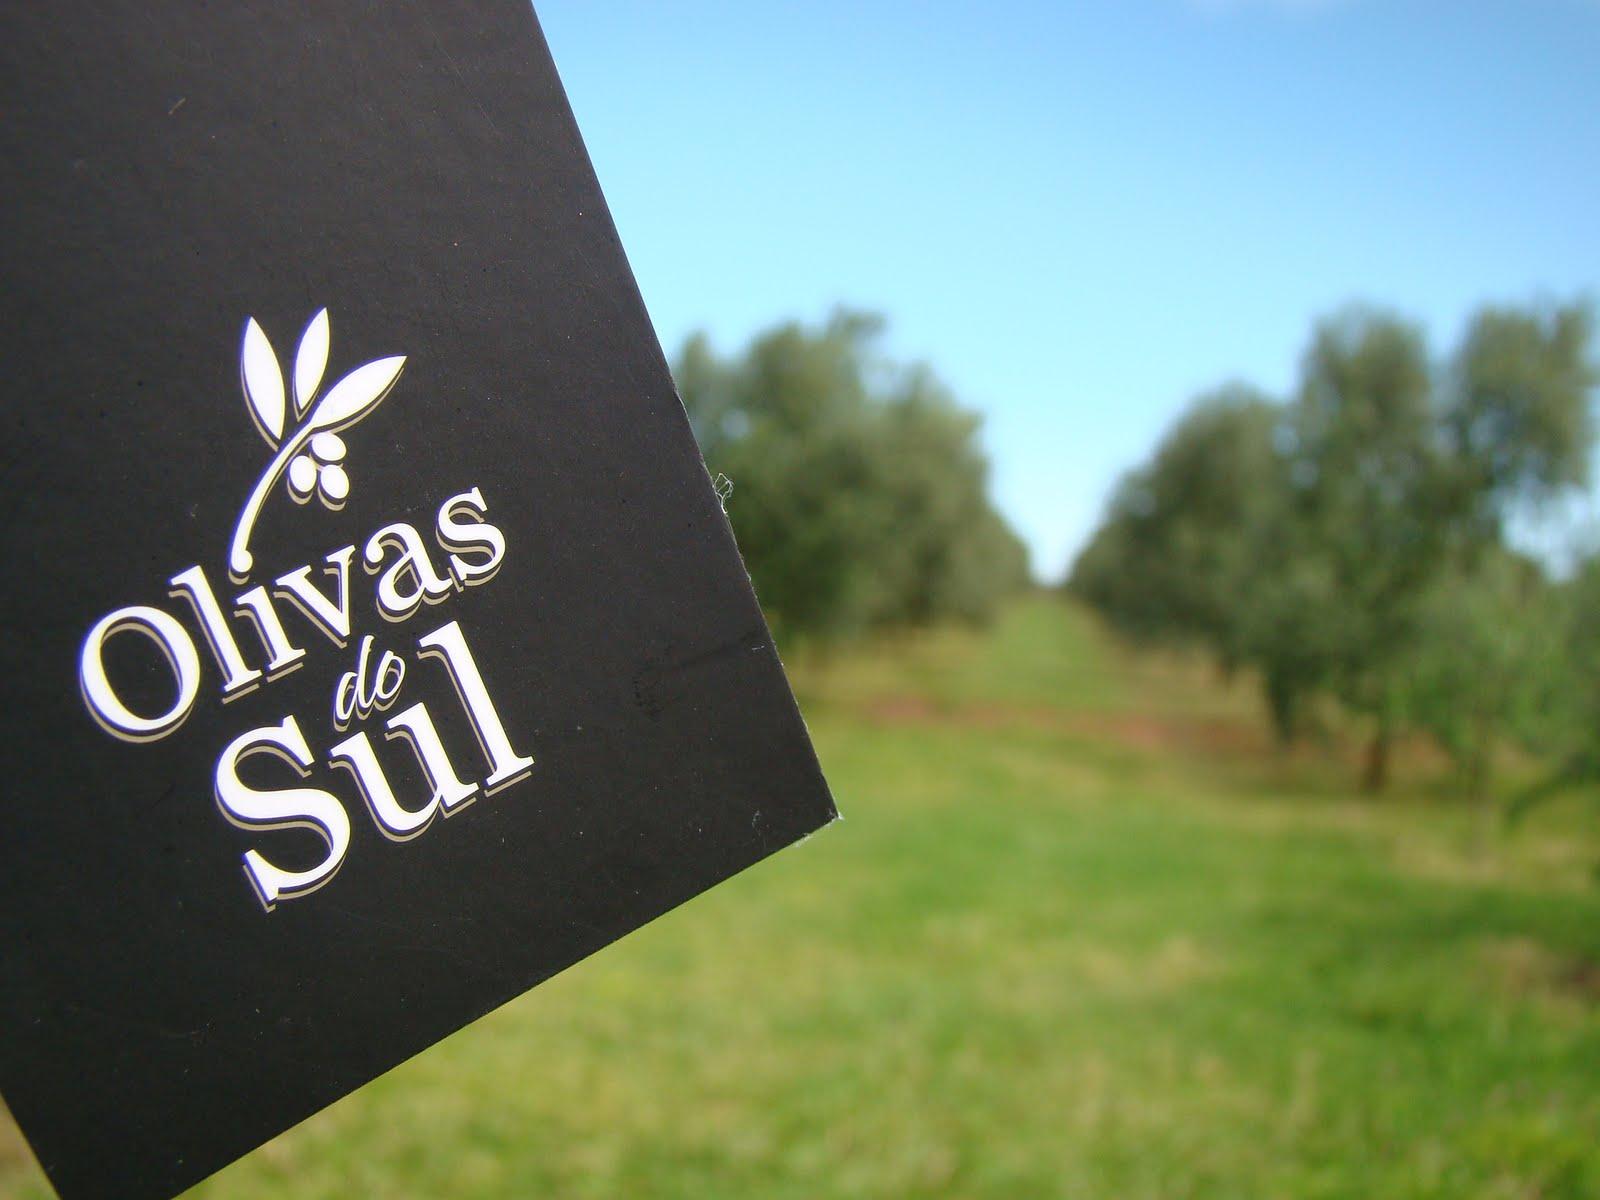 Azeite Olivas do Sul Olivas do Sul o Primeiro